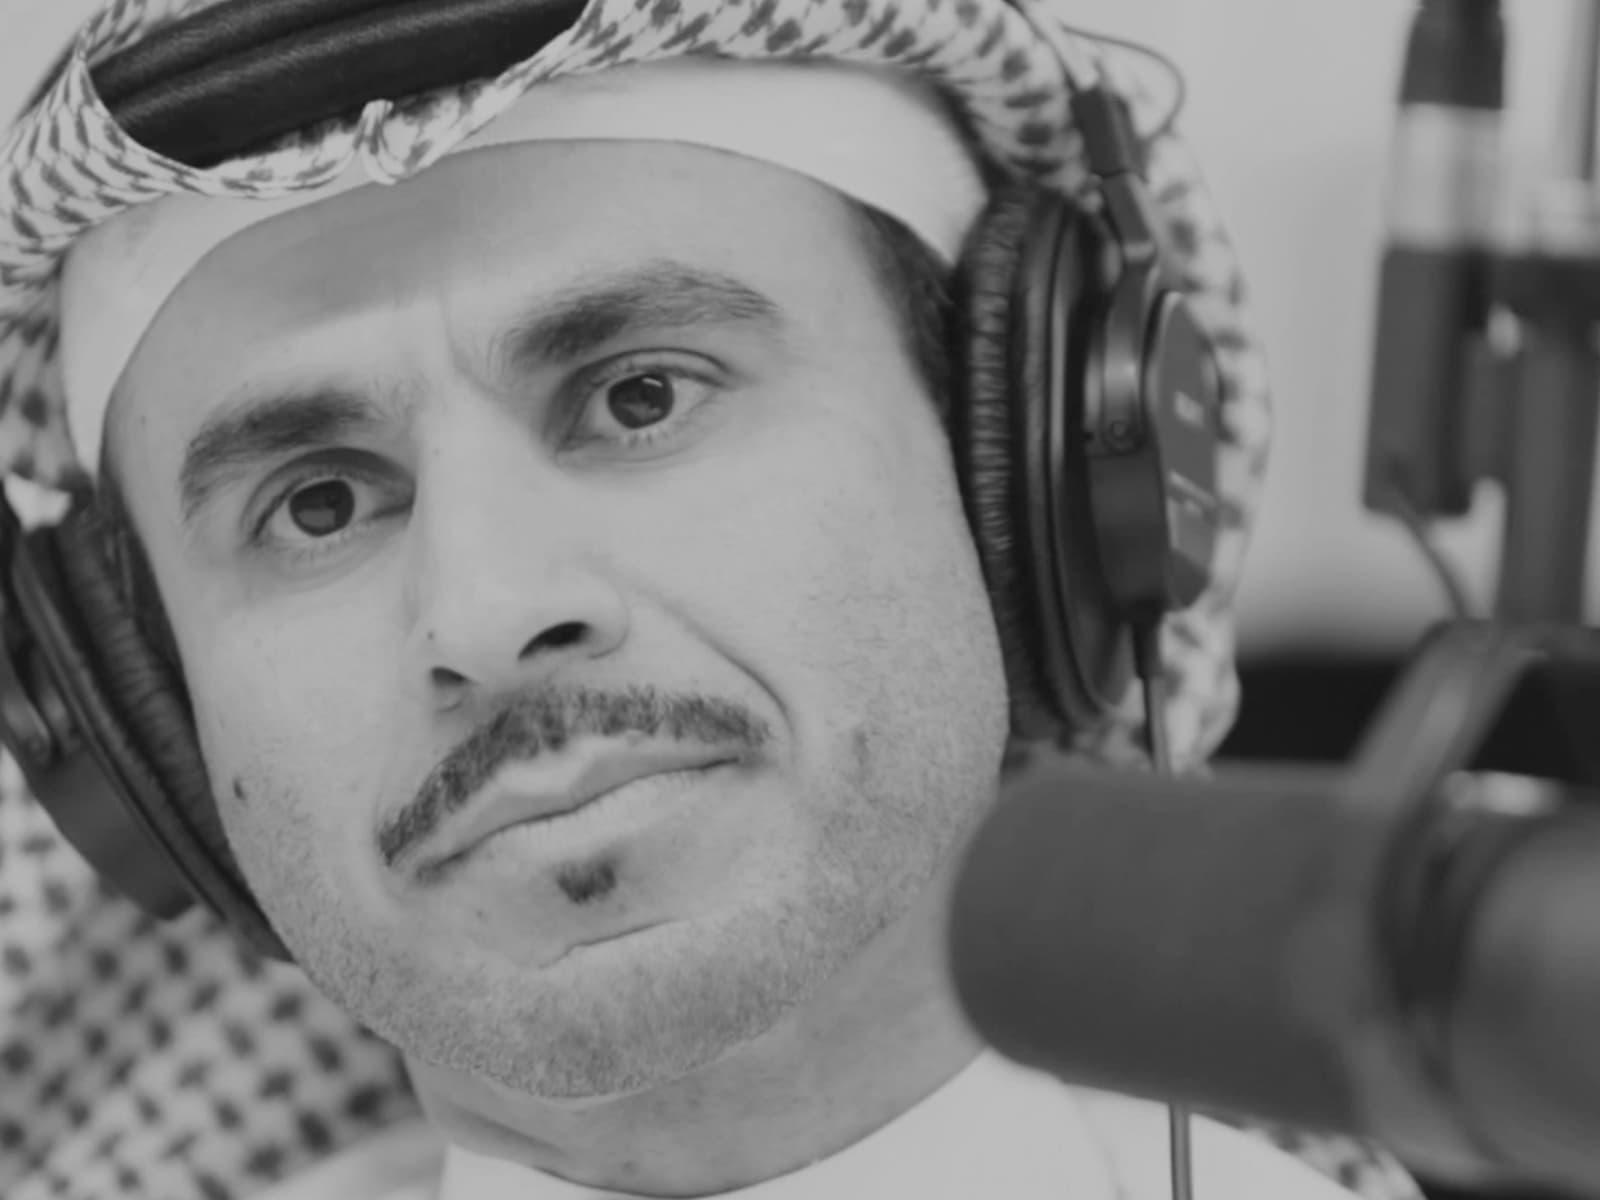 كيف يفكر مستثمرو المال الجريء في السعودية